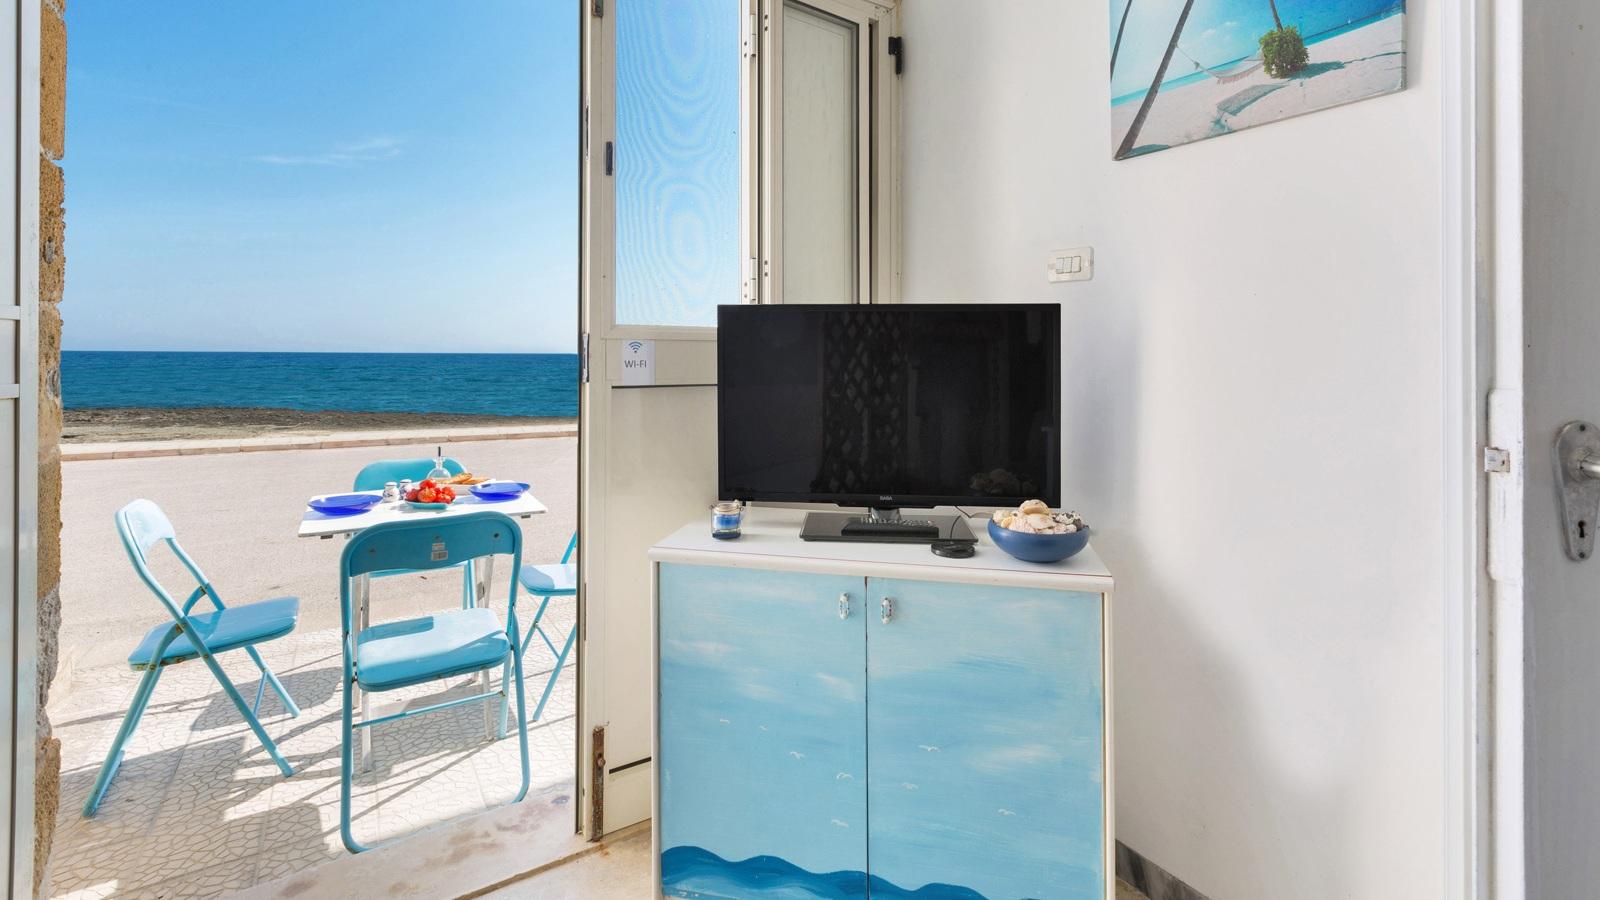 vacanze ostuni casa helios tv